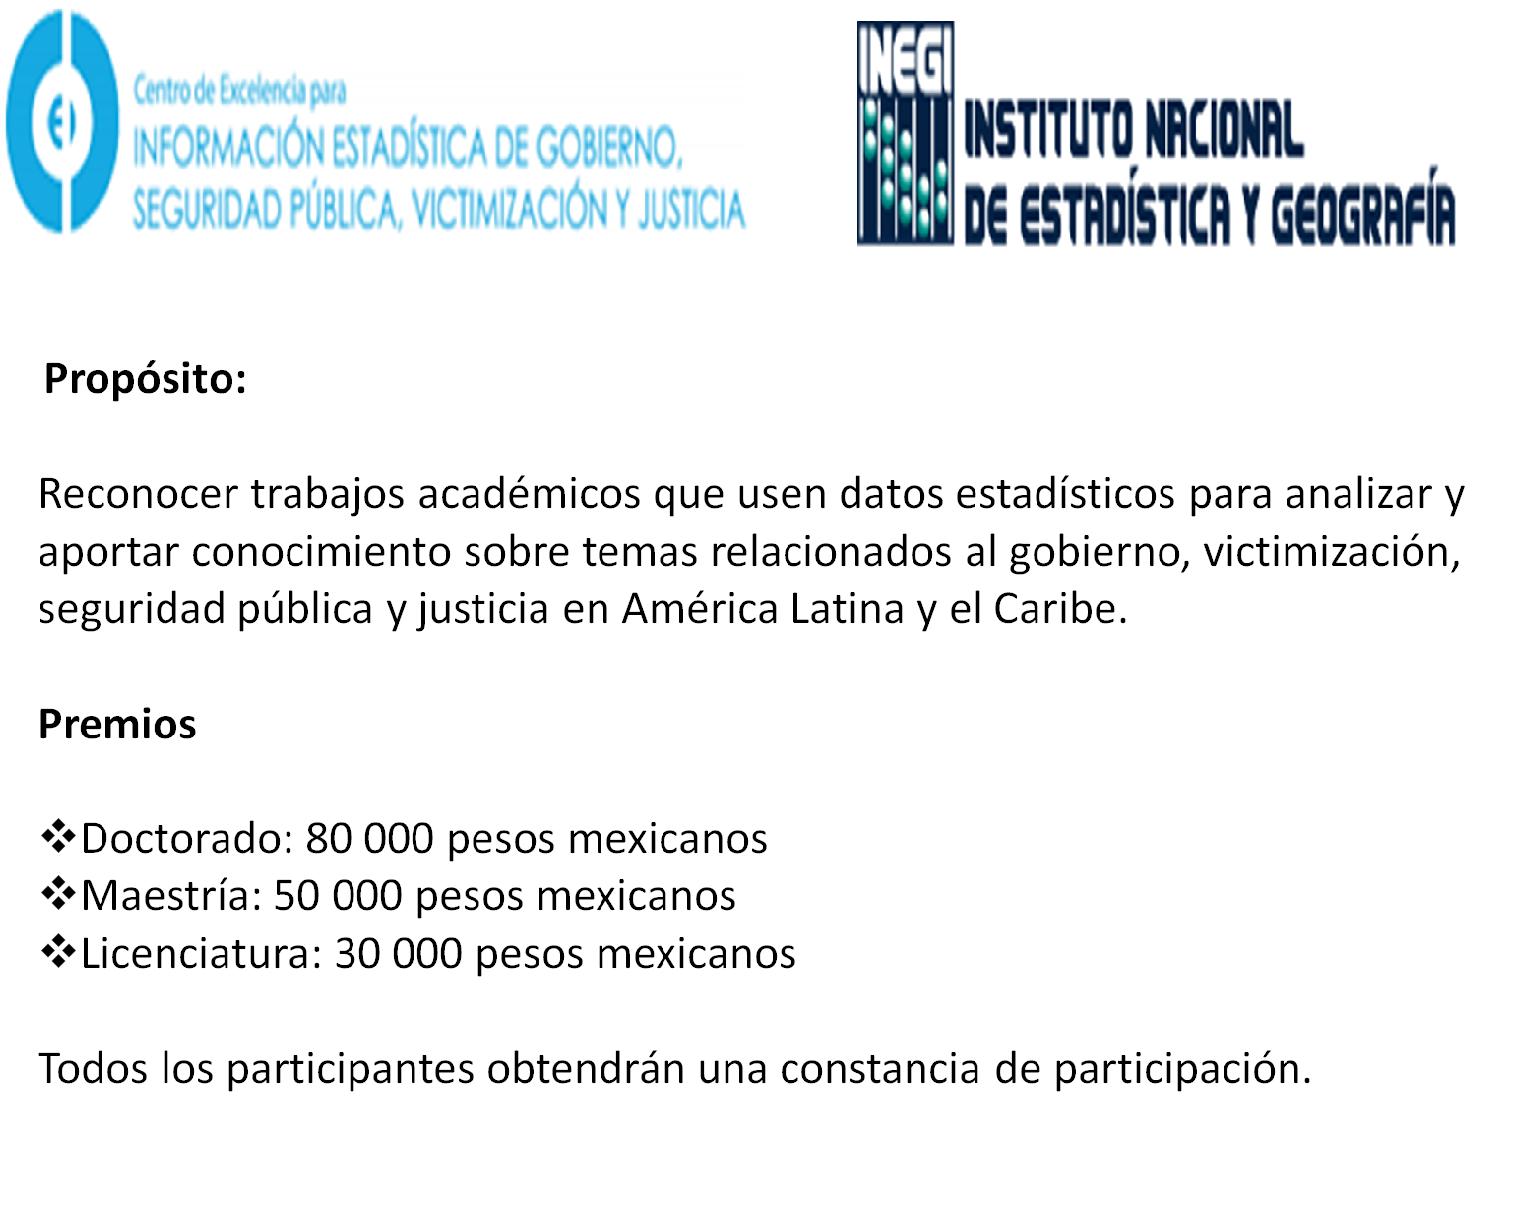 6° Concurso Internacional de Tesis sobre Seguridad Pública, Victimización y Justicia en América Latina